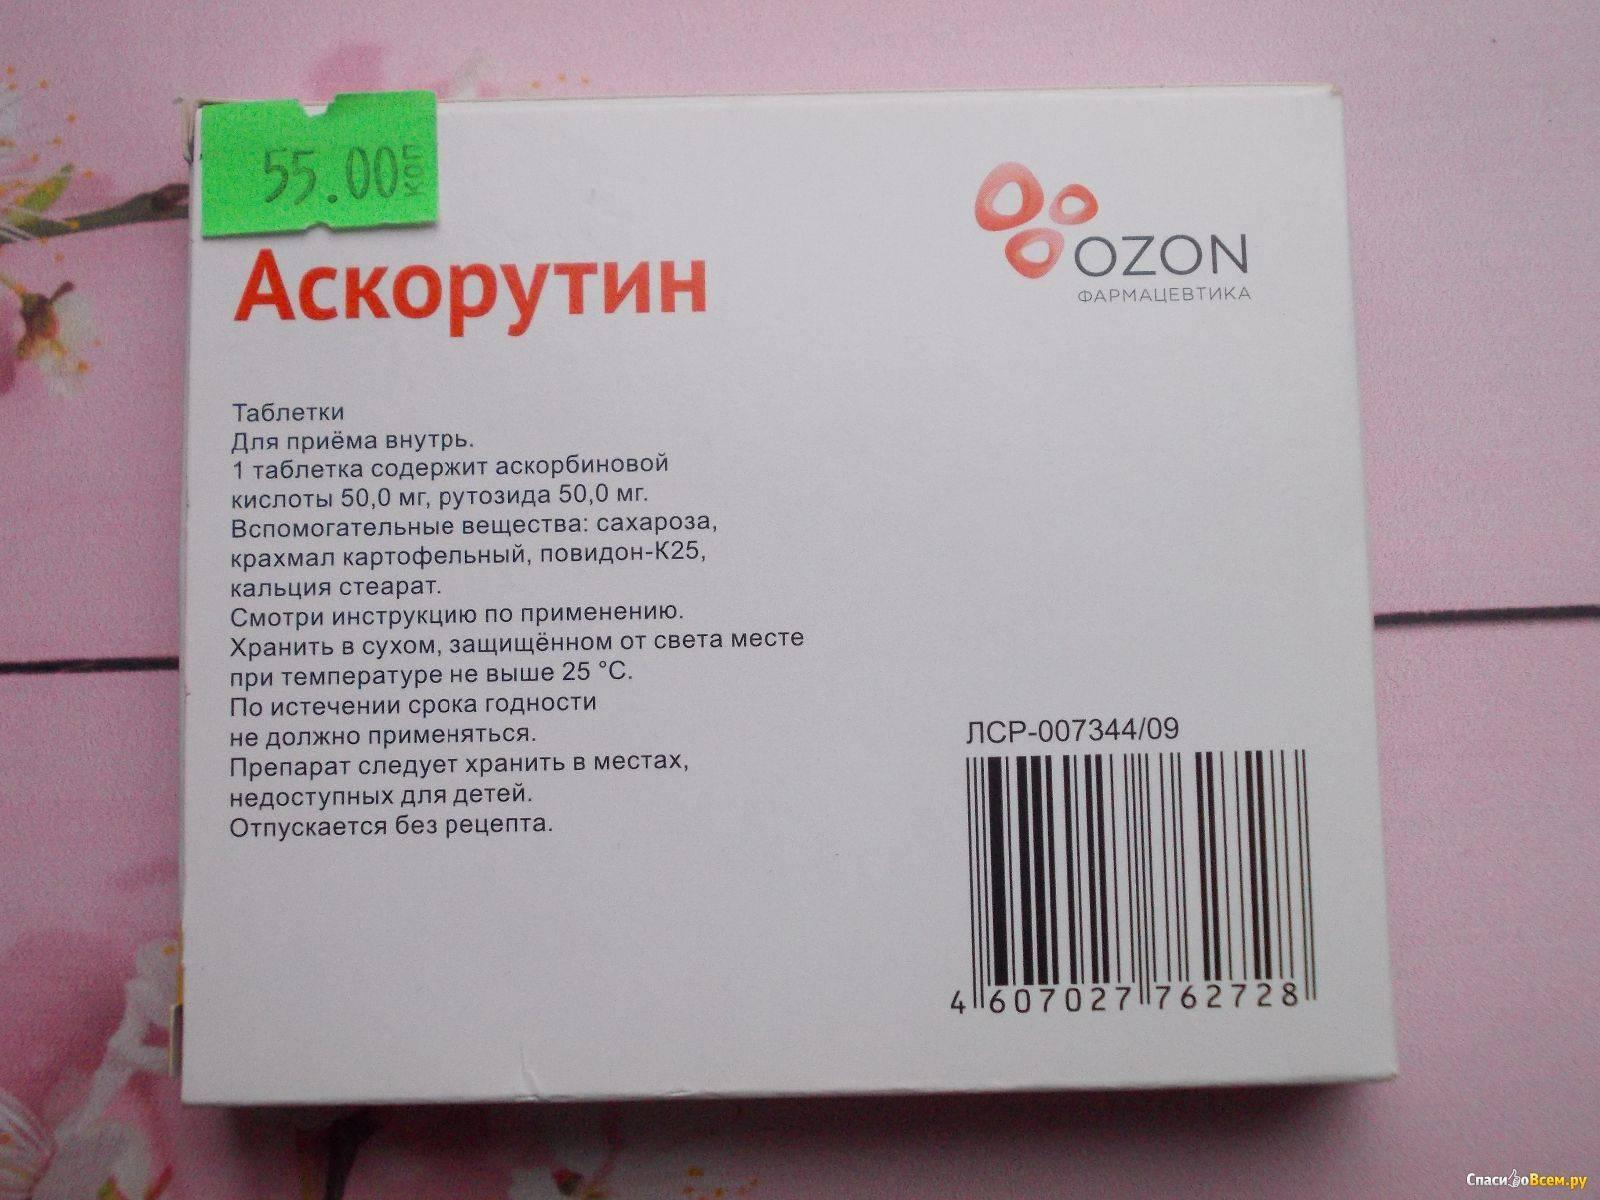 Аскорутин инструкция по применению для детей при носовом кровотечении